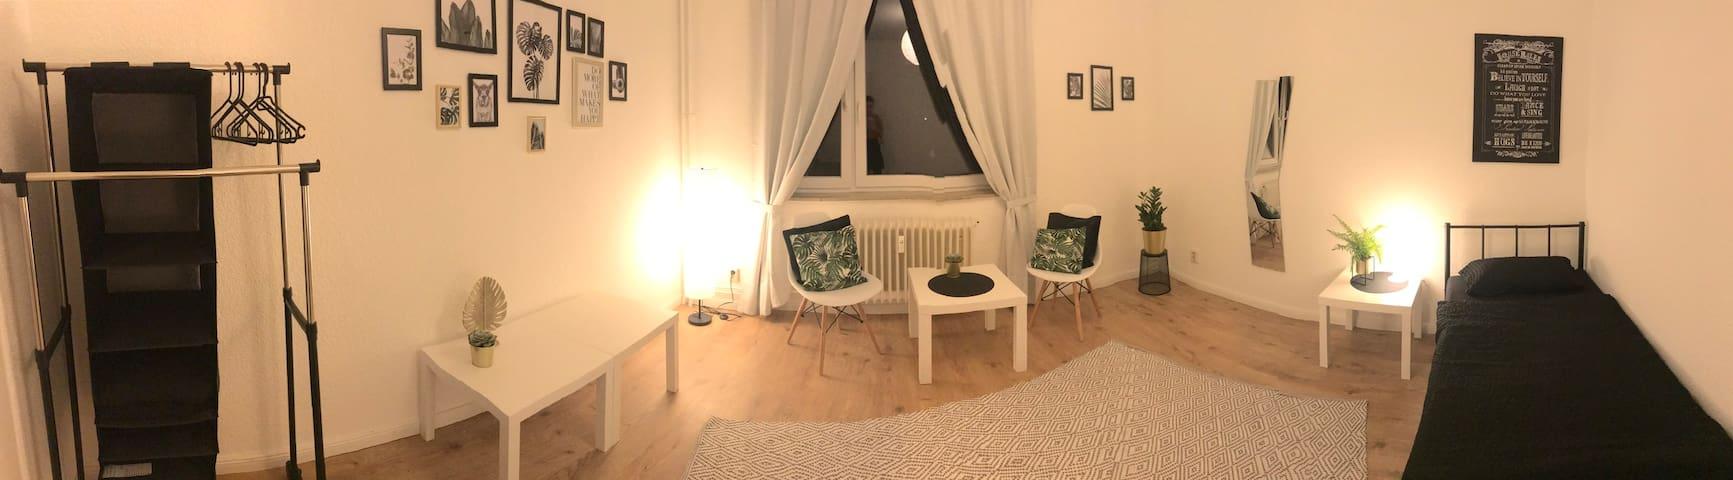 Unterkunft/Zimmer in Kaltenkirchen